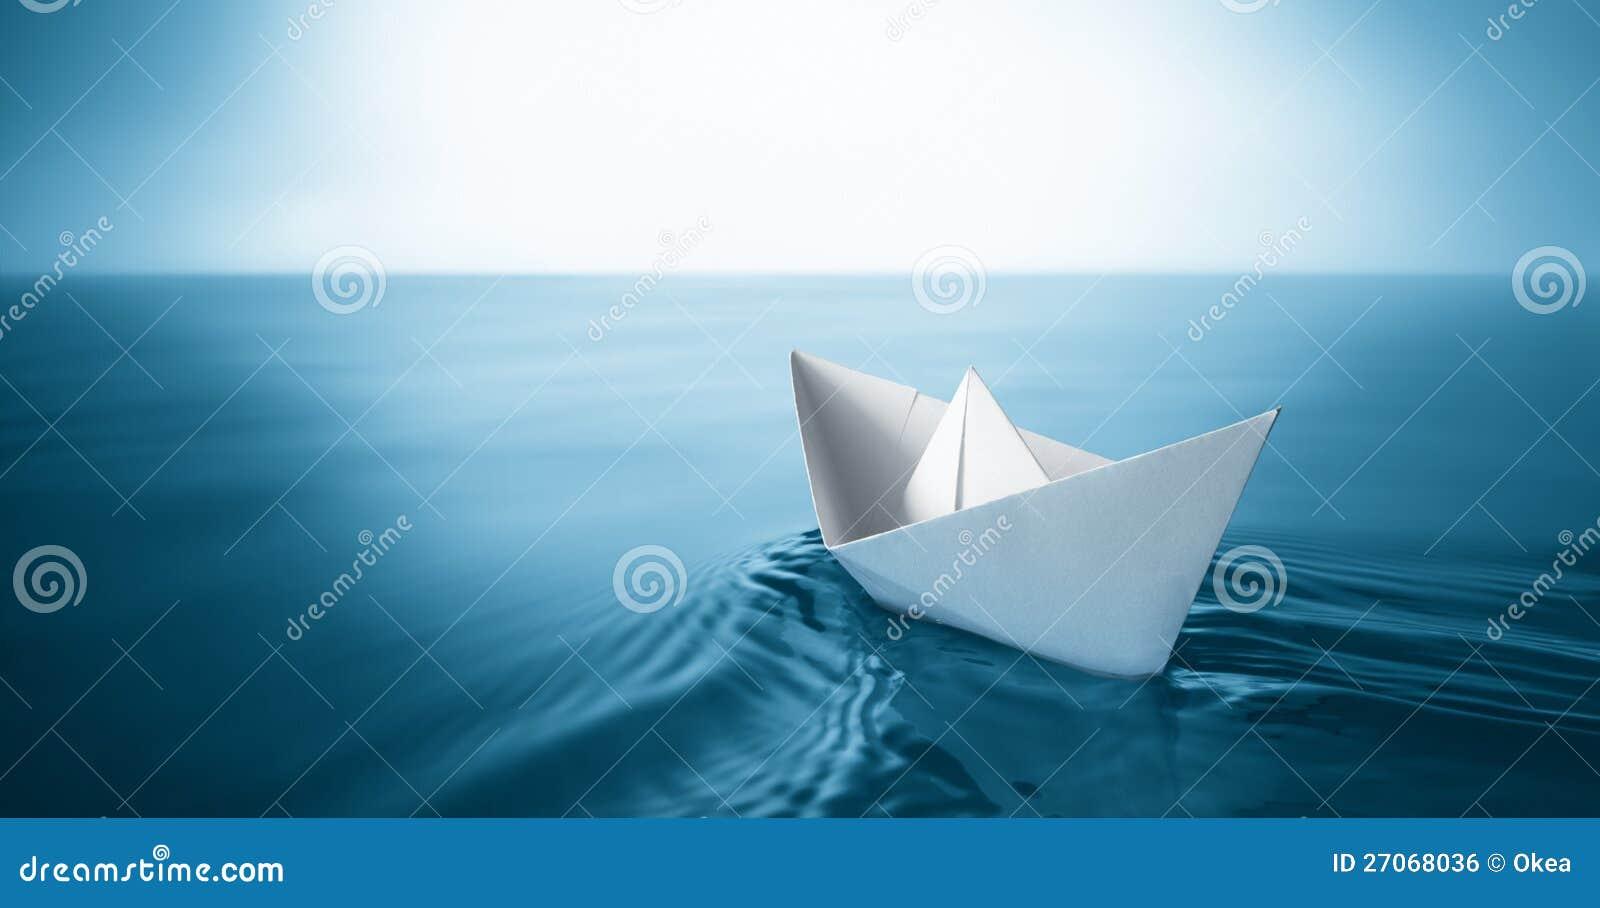 bateau de papier image libre de droits image 27068036. Black Bedroom Furniture Sets. Home Design Ideas